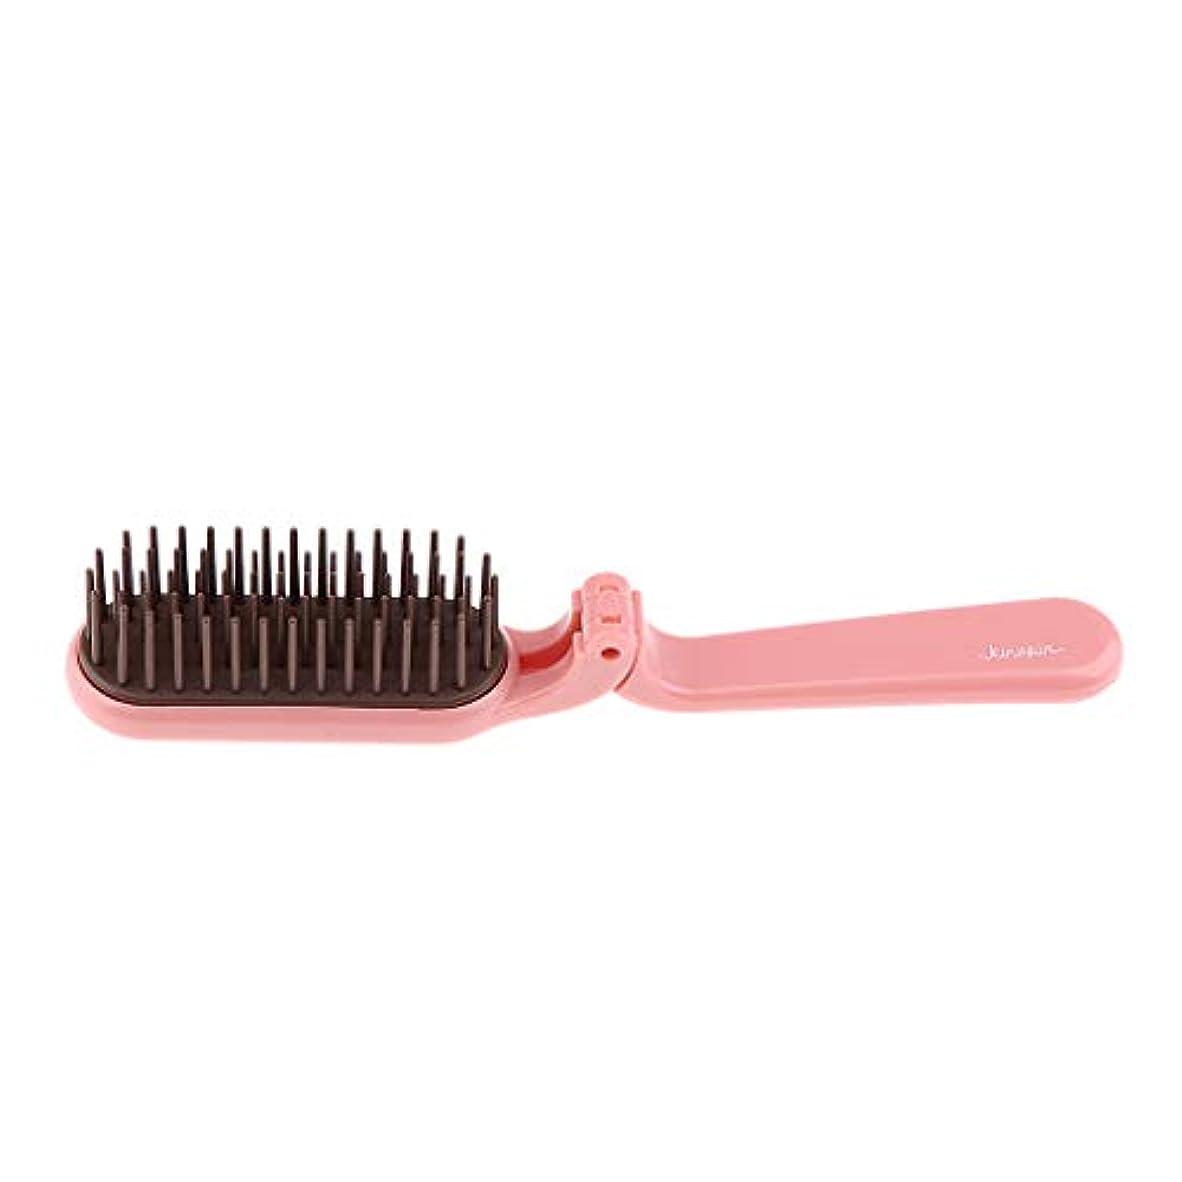 呼びかける靴下汗くし 折りたたみ ヘアコーム 櫛 くし コーム 静電気防止 耐熱性 2色選べ - ピンク